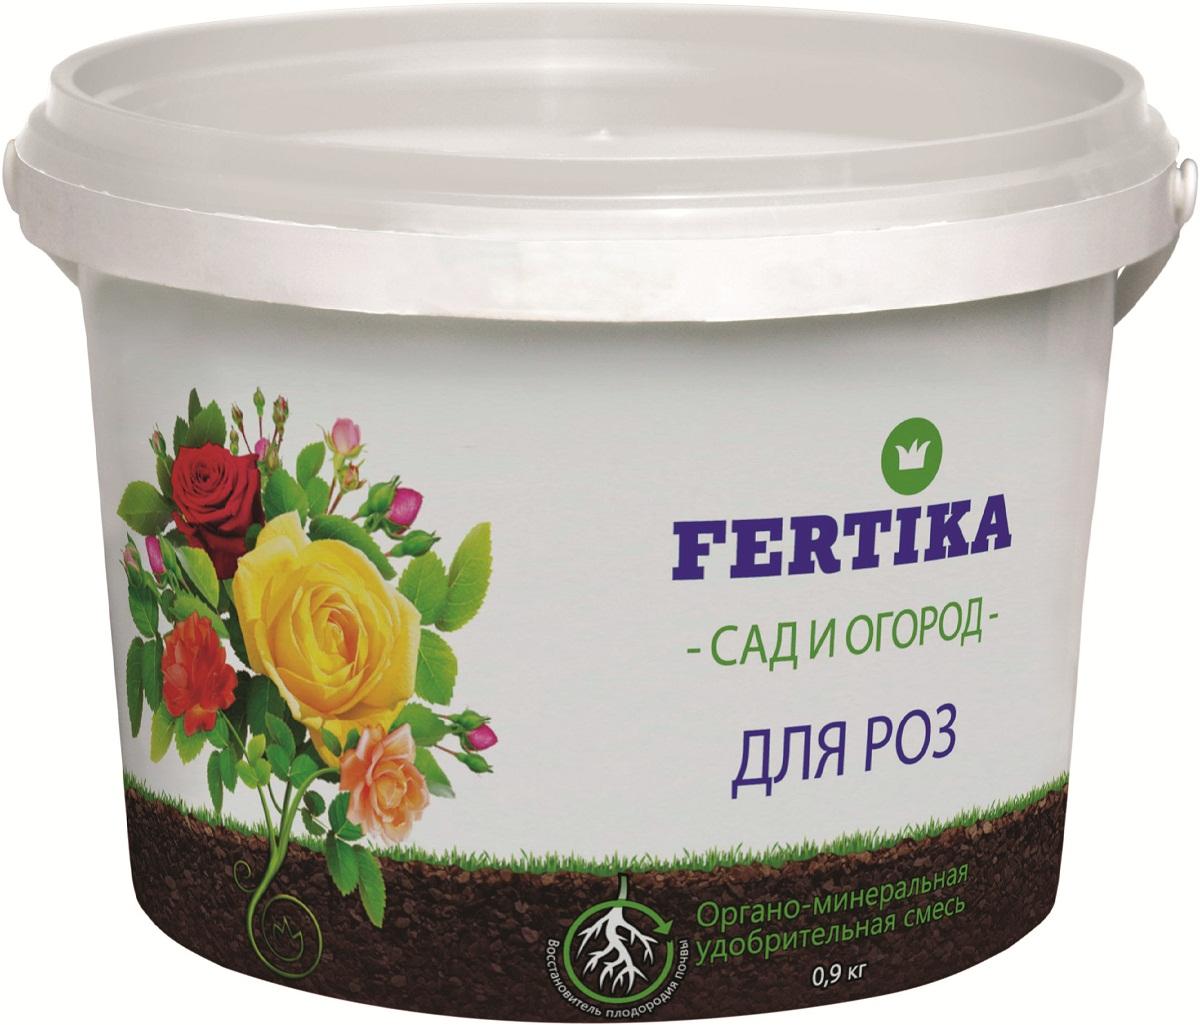 Удобрение Фертика ОМУ, для роз, 900 гBi-fertika0050УДОБРЕНИЕ ДЛЯ РОЗ (ОМУ) NPK 8:6:10 + ГУМАТ + КОМПЛЕКС МИКРОЭЛЕМЕНТОВ.• Органо-минеральная удобрительная смесь с 18% содержанием гумата.• Каждая гранула смеси содержит полный сбалансированный набор макро- и микроэлементов питания, необходимых для нормального роста и развития растений.Для основного внесения и подкормки роз, а также других цветочно-декоративных культур, оранжерейных, комнатных и балконных цветов.